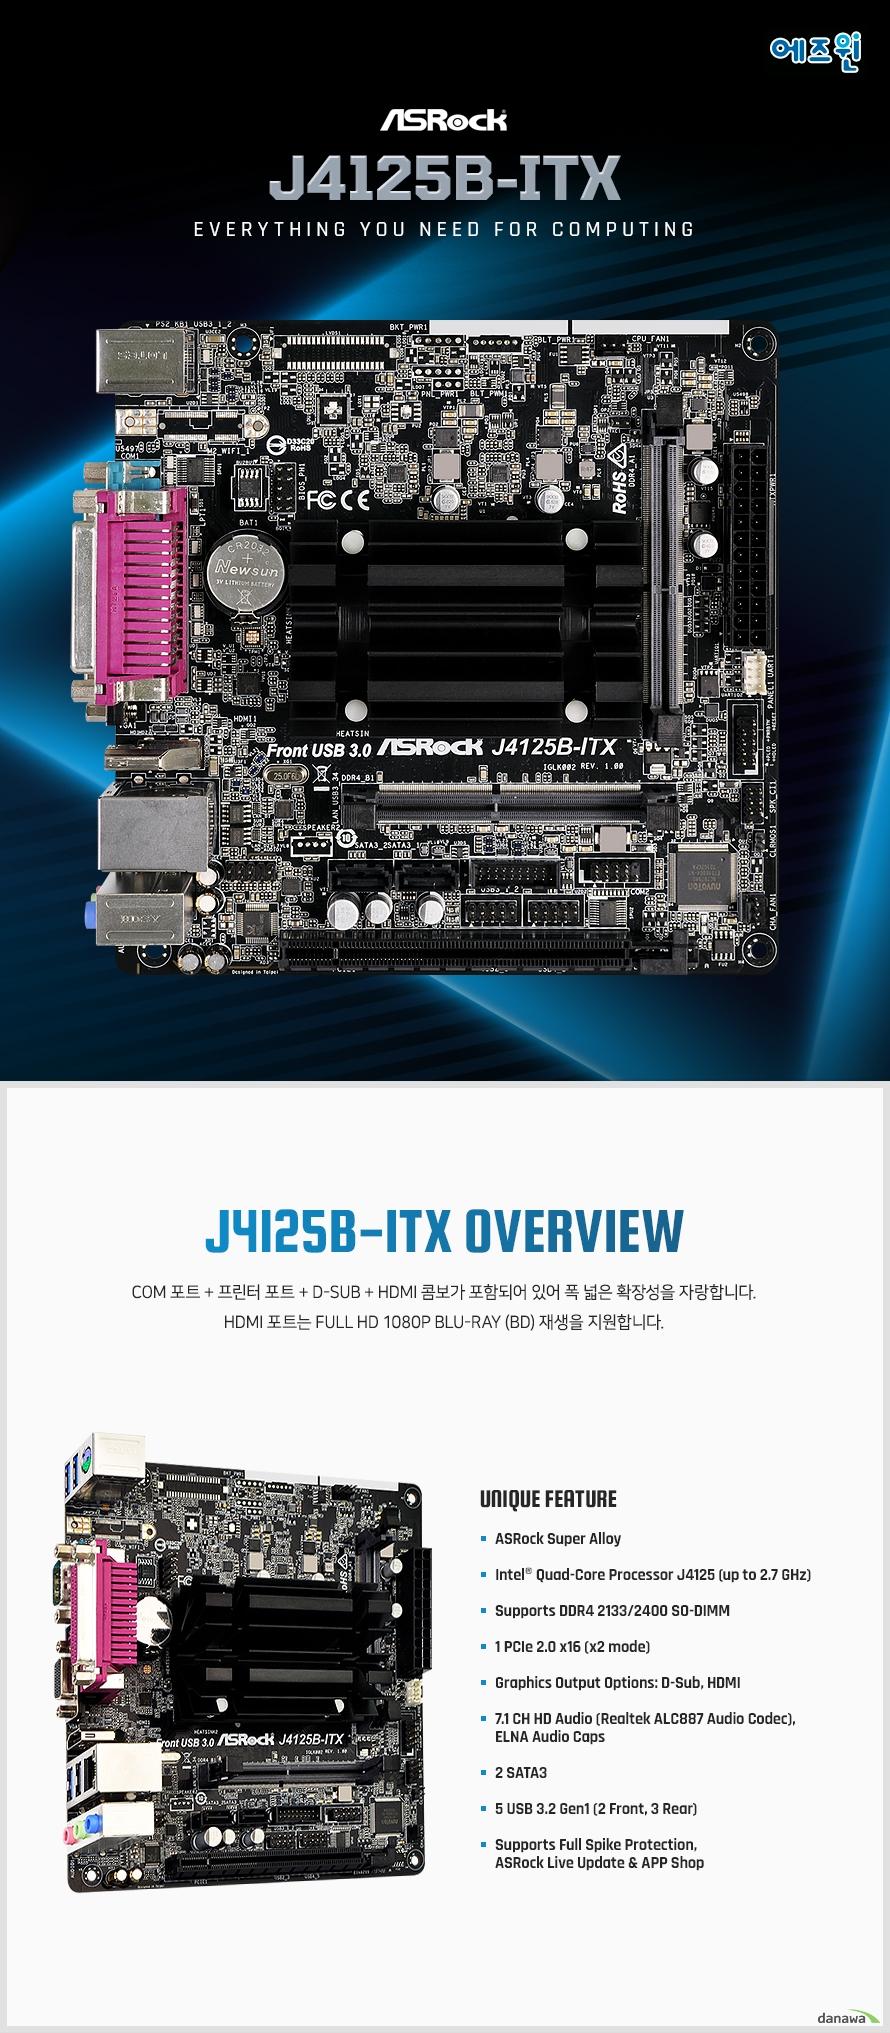 고성능 인텔 쿼드 코어 프로세서 J4125를 지원합니다. 최대 2.7GHz 속도로 작동하여 작업을 빠르게 처리합니다.  HEVC 10 비트 디코딩 / 인코딩을 지원하여 컬러 밴딩을 막고 향상된 비디오 품질과 더 높은 비트 심도 비디오 경험을 제공합니다.  최신 DDR4 SO-DIMM 메모리 모듈과 최고의 메모리 성능을 지원합니다. 구형 DDR3에 비해 2배 이상 향상된 대역폭과 높은 전력 효율을 가졌습니다.  COM 포트 + 프린터 포트 + D-Sub + HDMI 콤보가 포함되어  있습니다. HDMI 포트는 Full HD 1080p Blu-ray (BD) 재생을  지원합니다.  고품질 ELNA 오디오 캐패시터를 적용하였습니다.  기존 솔리드 캡에 비해 누설 전류가 3uA에 불과하여  노이즈 발생을 획기적으로 줄였습니다.  사용자 편의를 위해 다양한 앱과 지원 소프트웨어를  제공합니다. ASRock Live Update & APP Shop을 통해  시스템을 손쉽게 최적화하고 메인보드를 최신 상태로 유지 할 수 있습니다.  메인보드 내 일부 민감한 부품은 전원 서지에 취약하므로  과도한 전류로 인해 시스템이 오작동할 수 있습니다.  예기치 않은 전압 스파이크로 인해 메인보드 내부 부품이  손상되지 않도록 하는 다양한 기술들이 포함되어 있습니다.